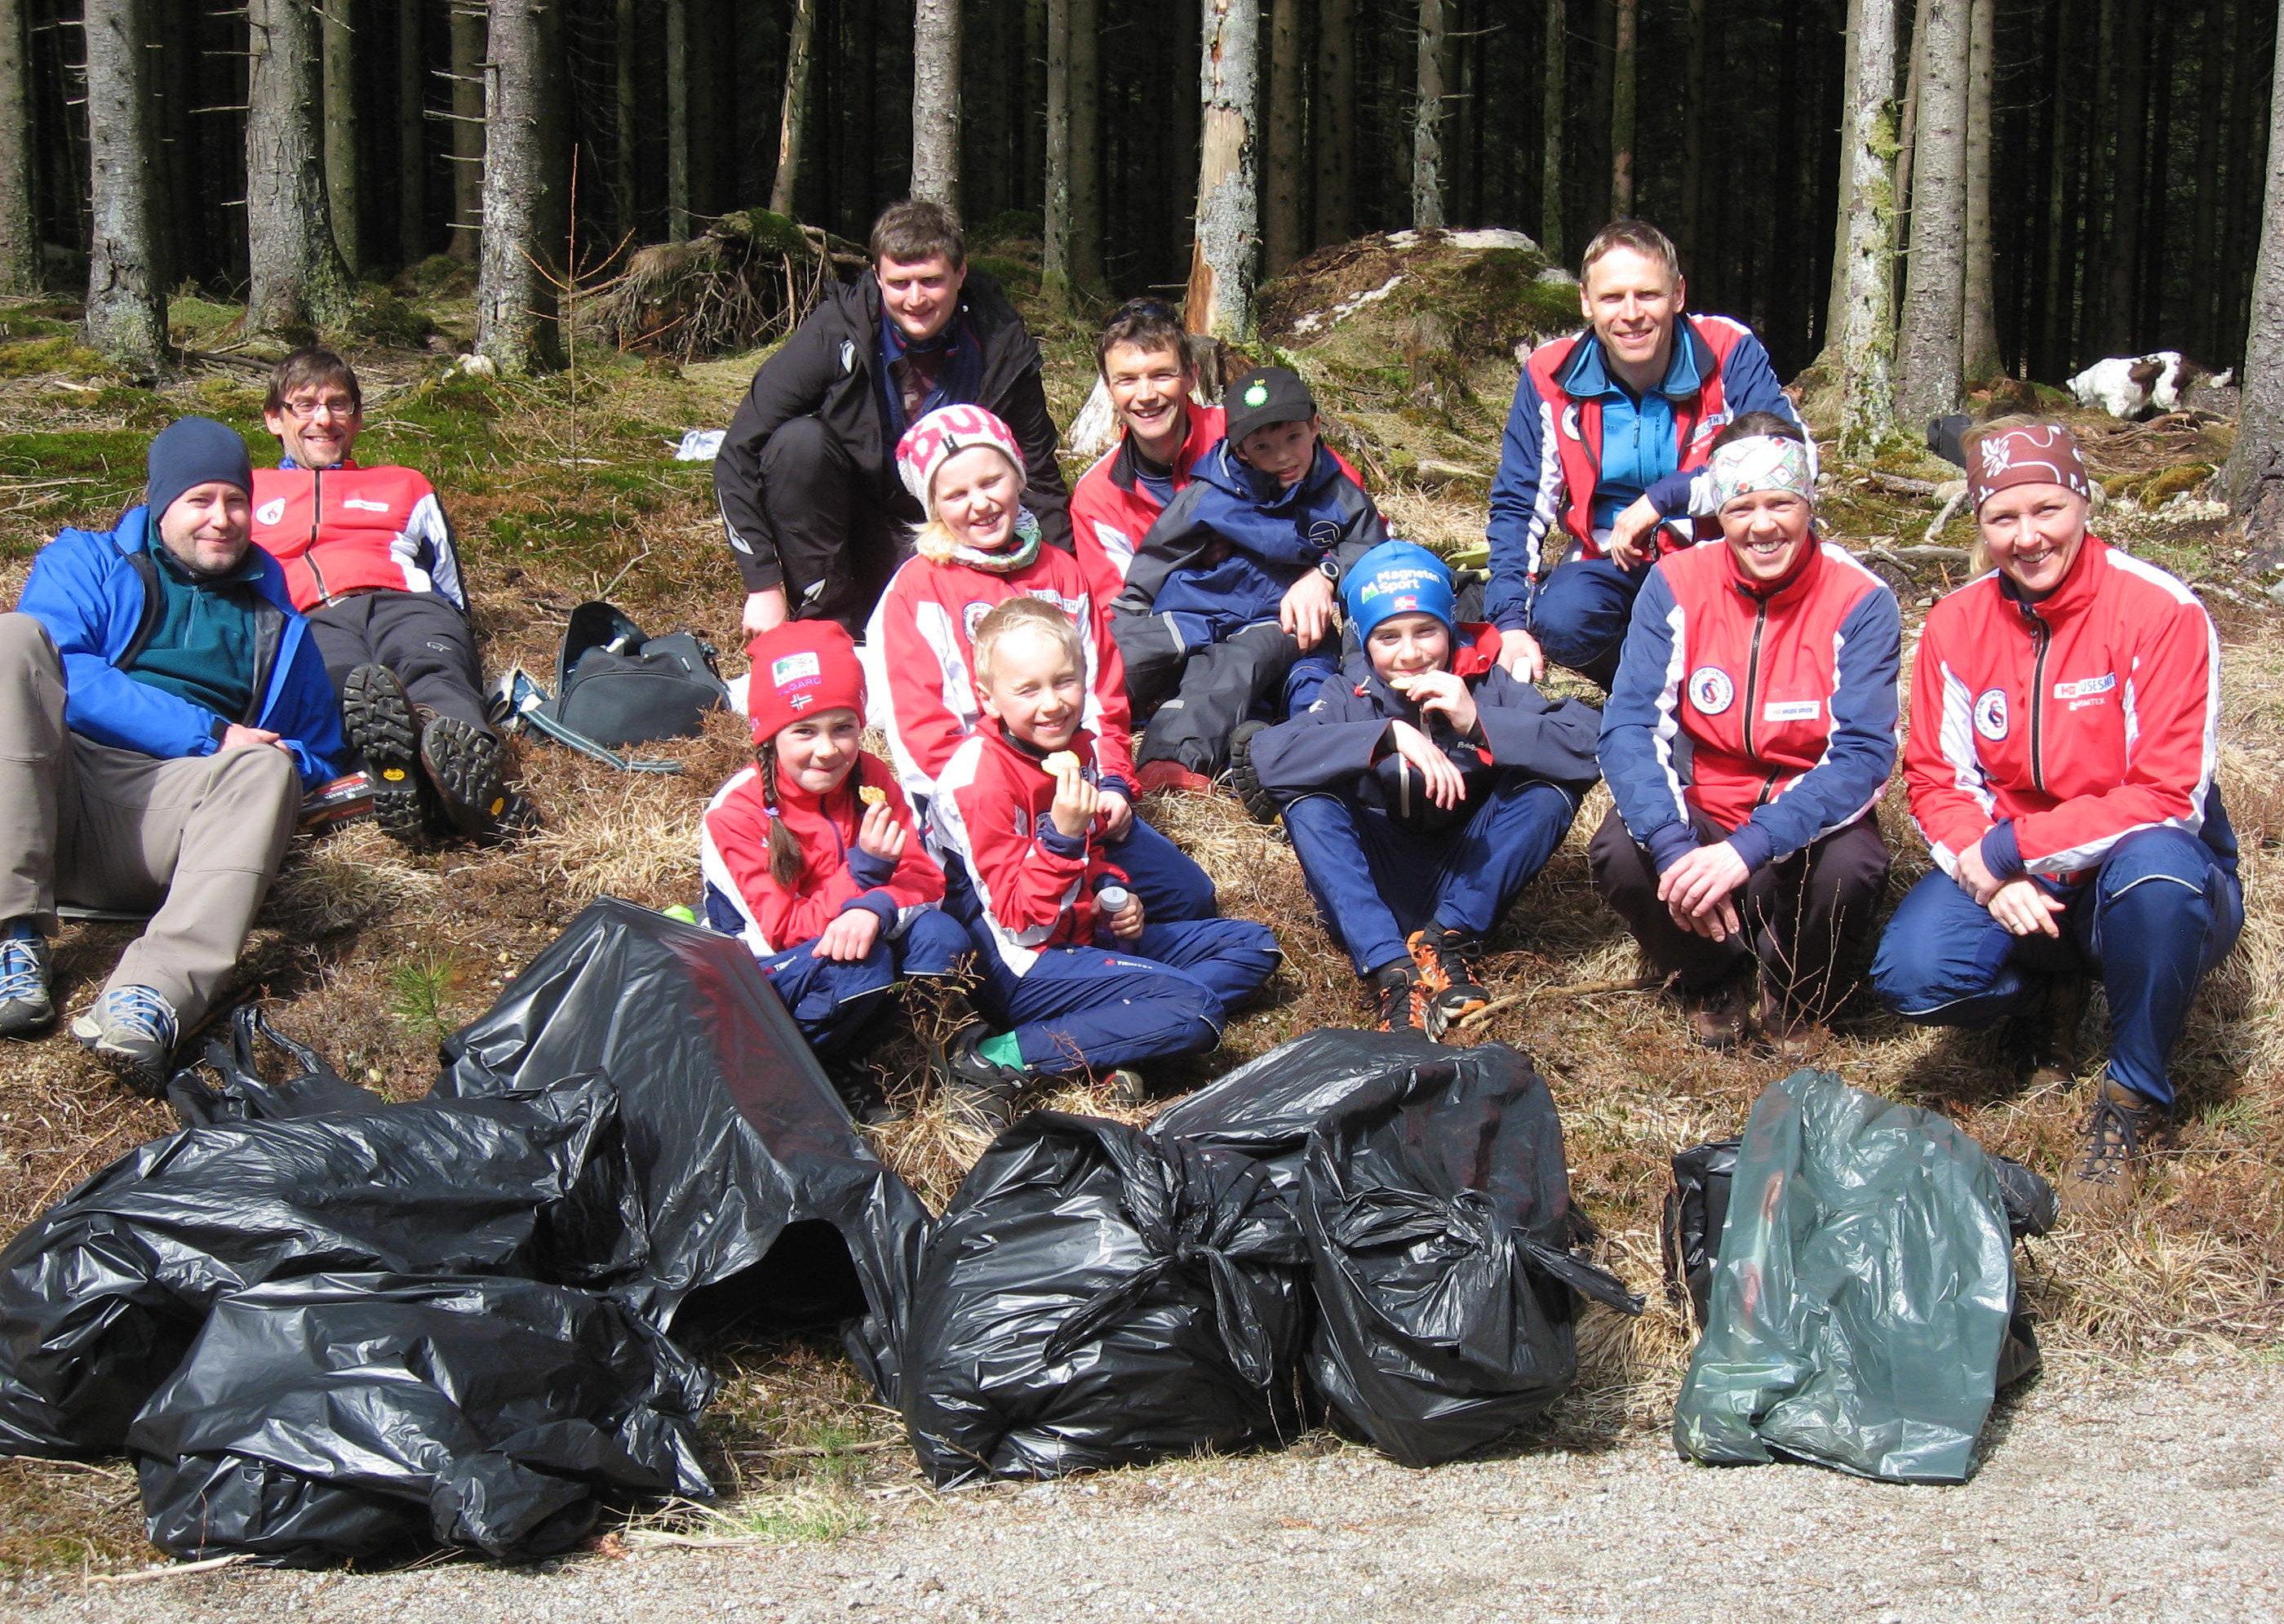 Kjempefint vær å samle søppel i og vi fant mye i år også. En stor takk til dere som stilte opp :-)